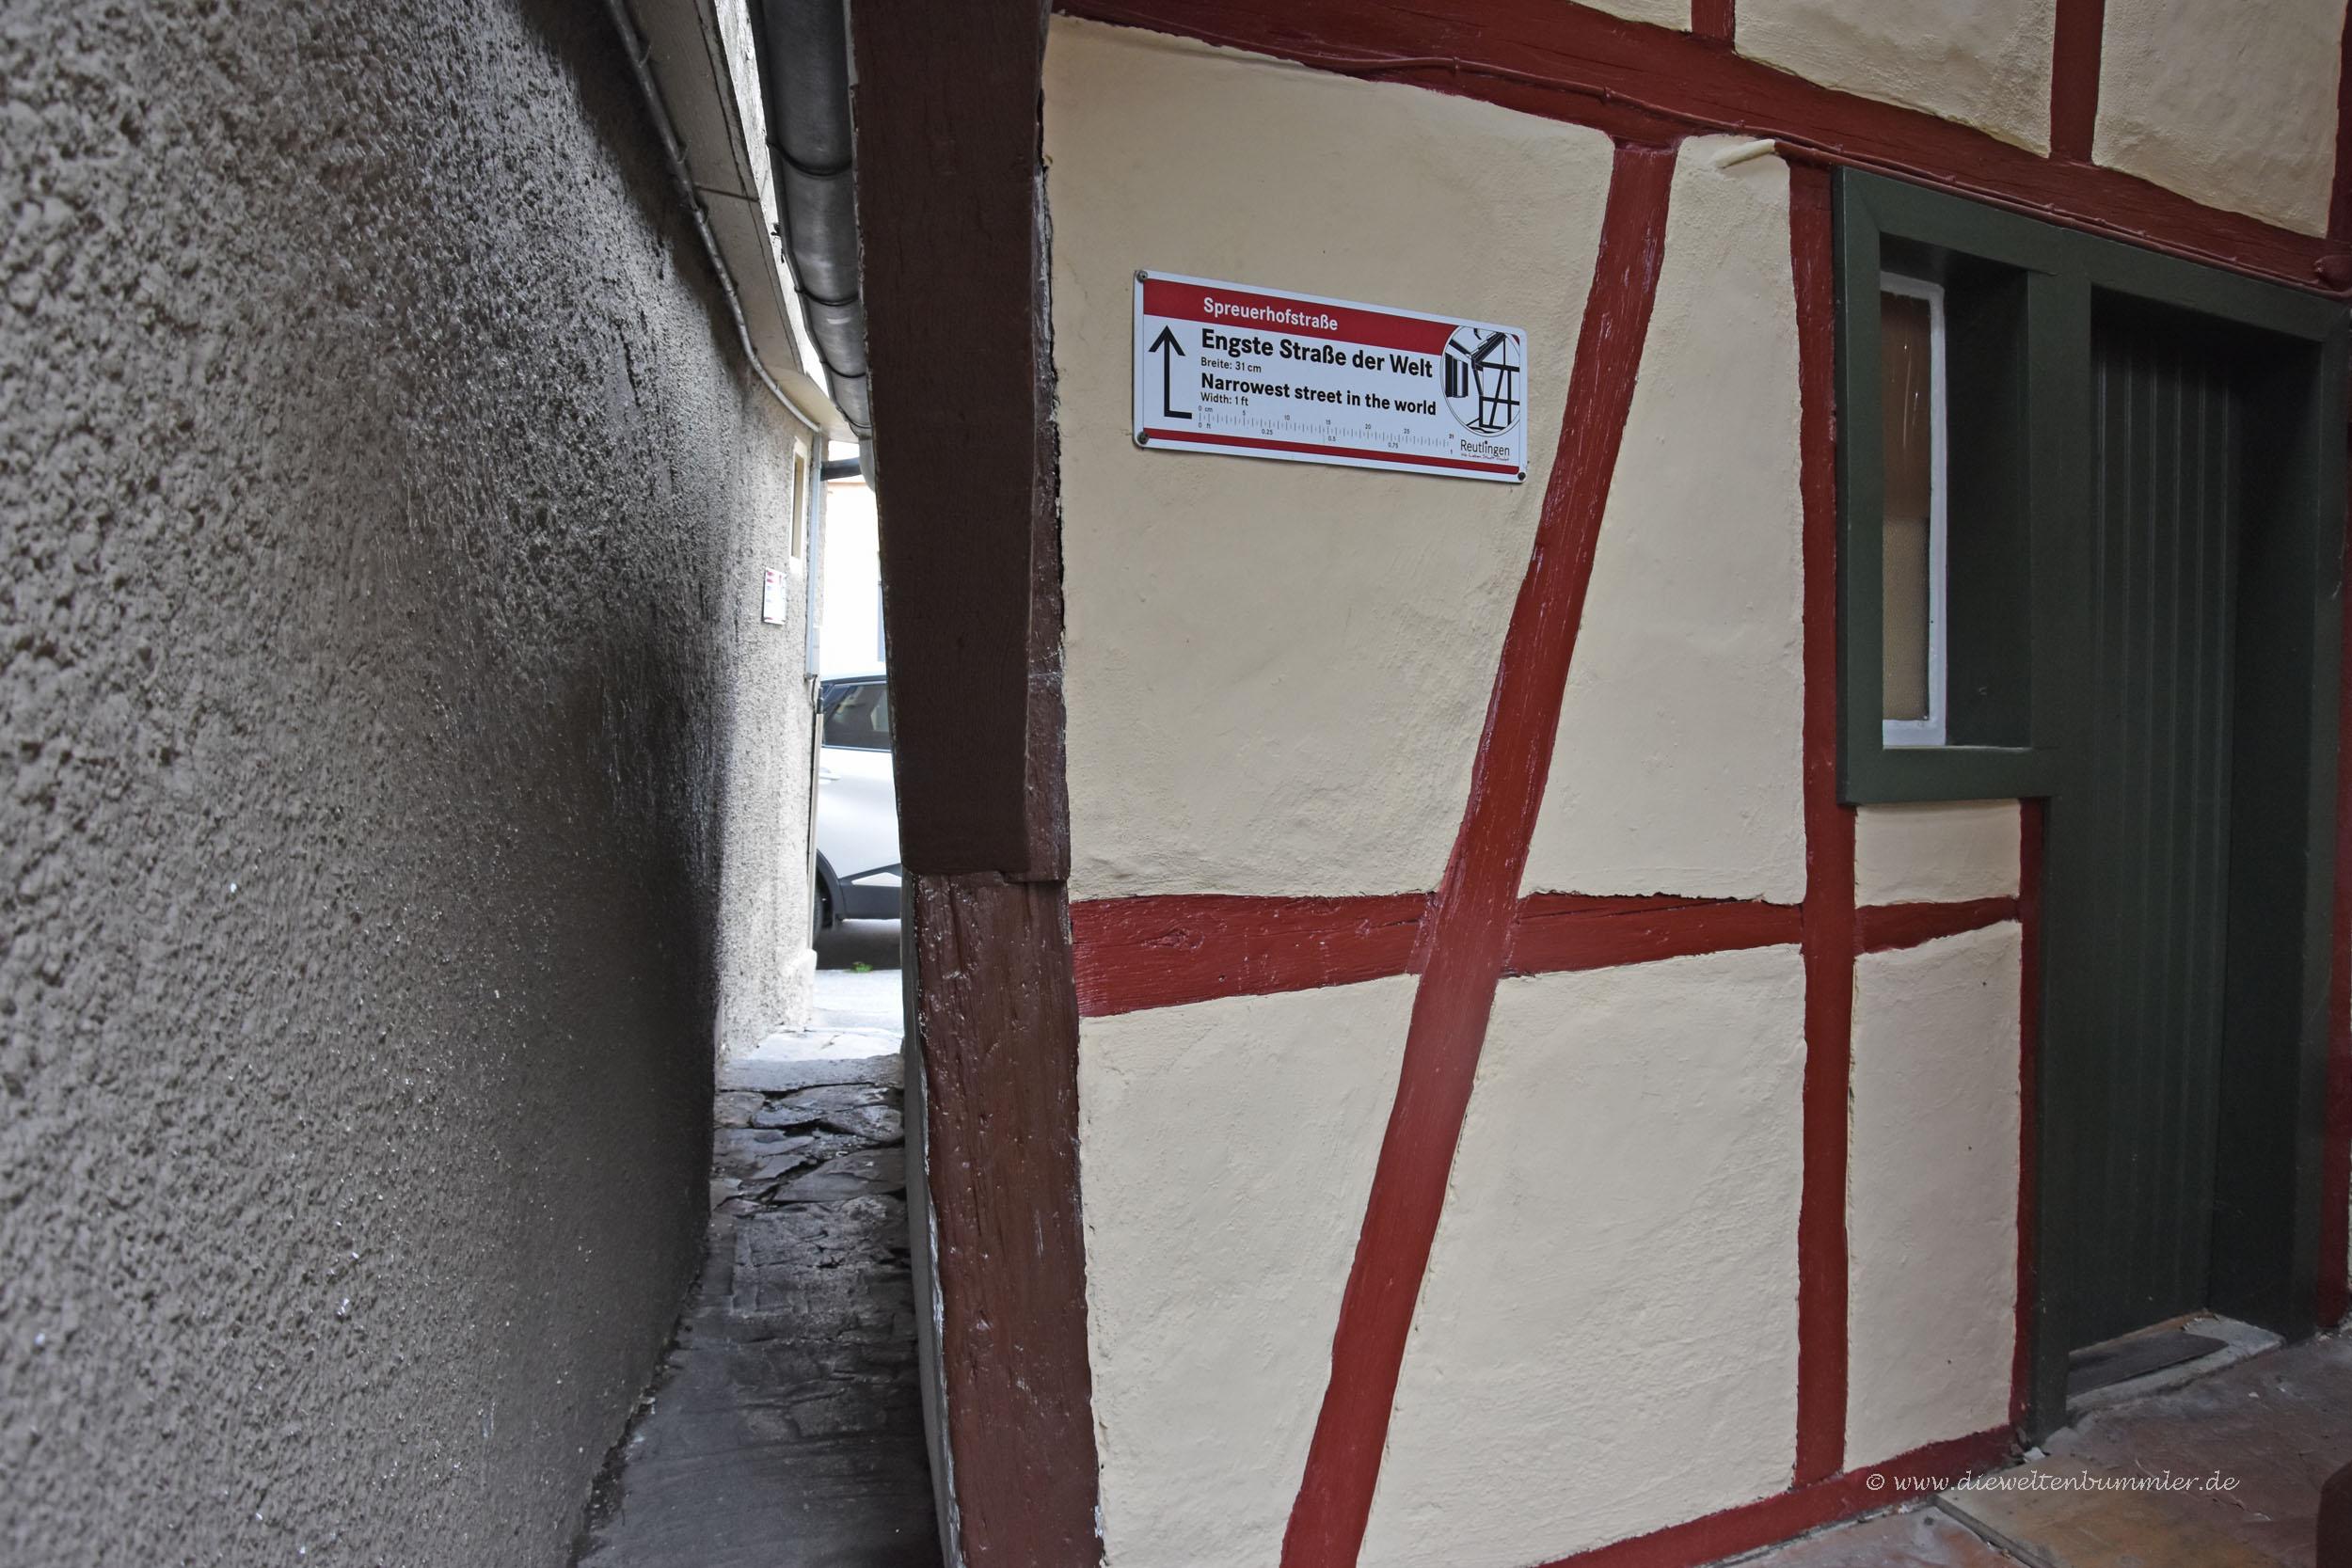 Spreuerhofstraße in Reutlingen